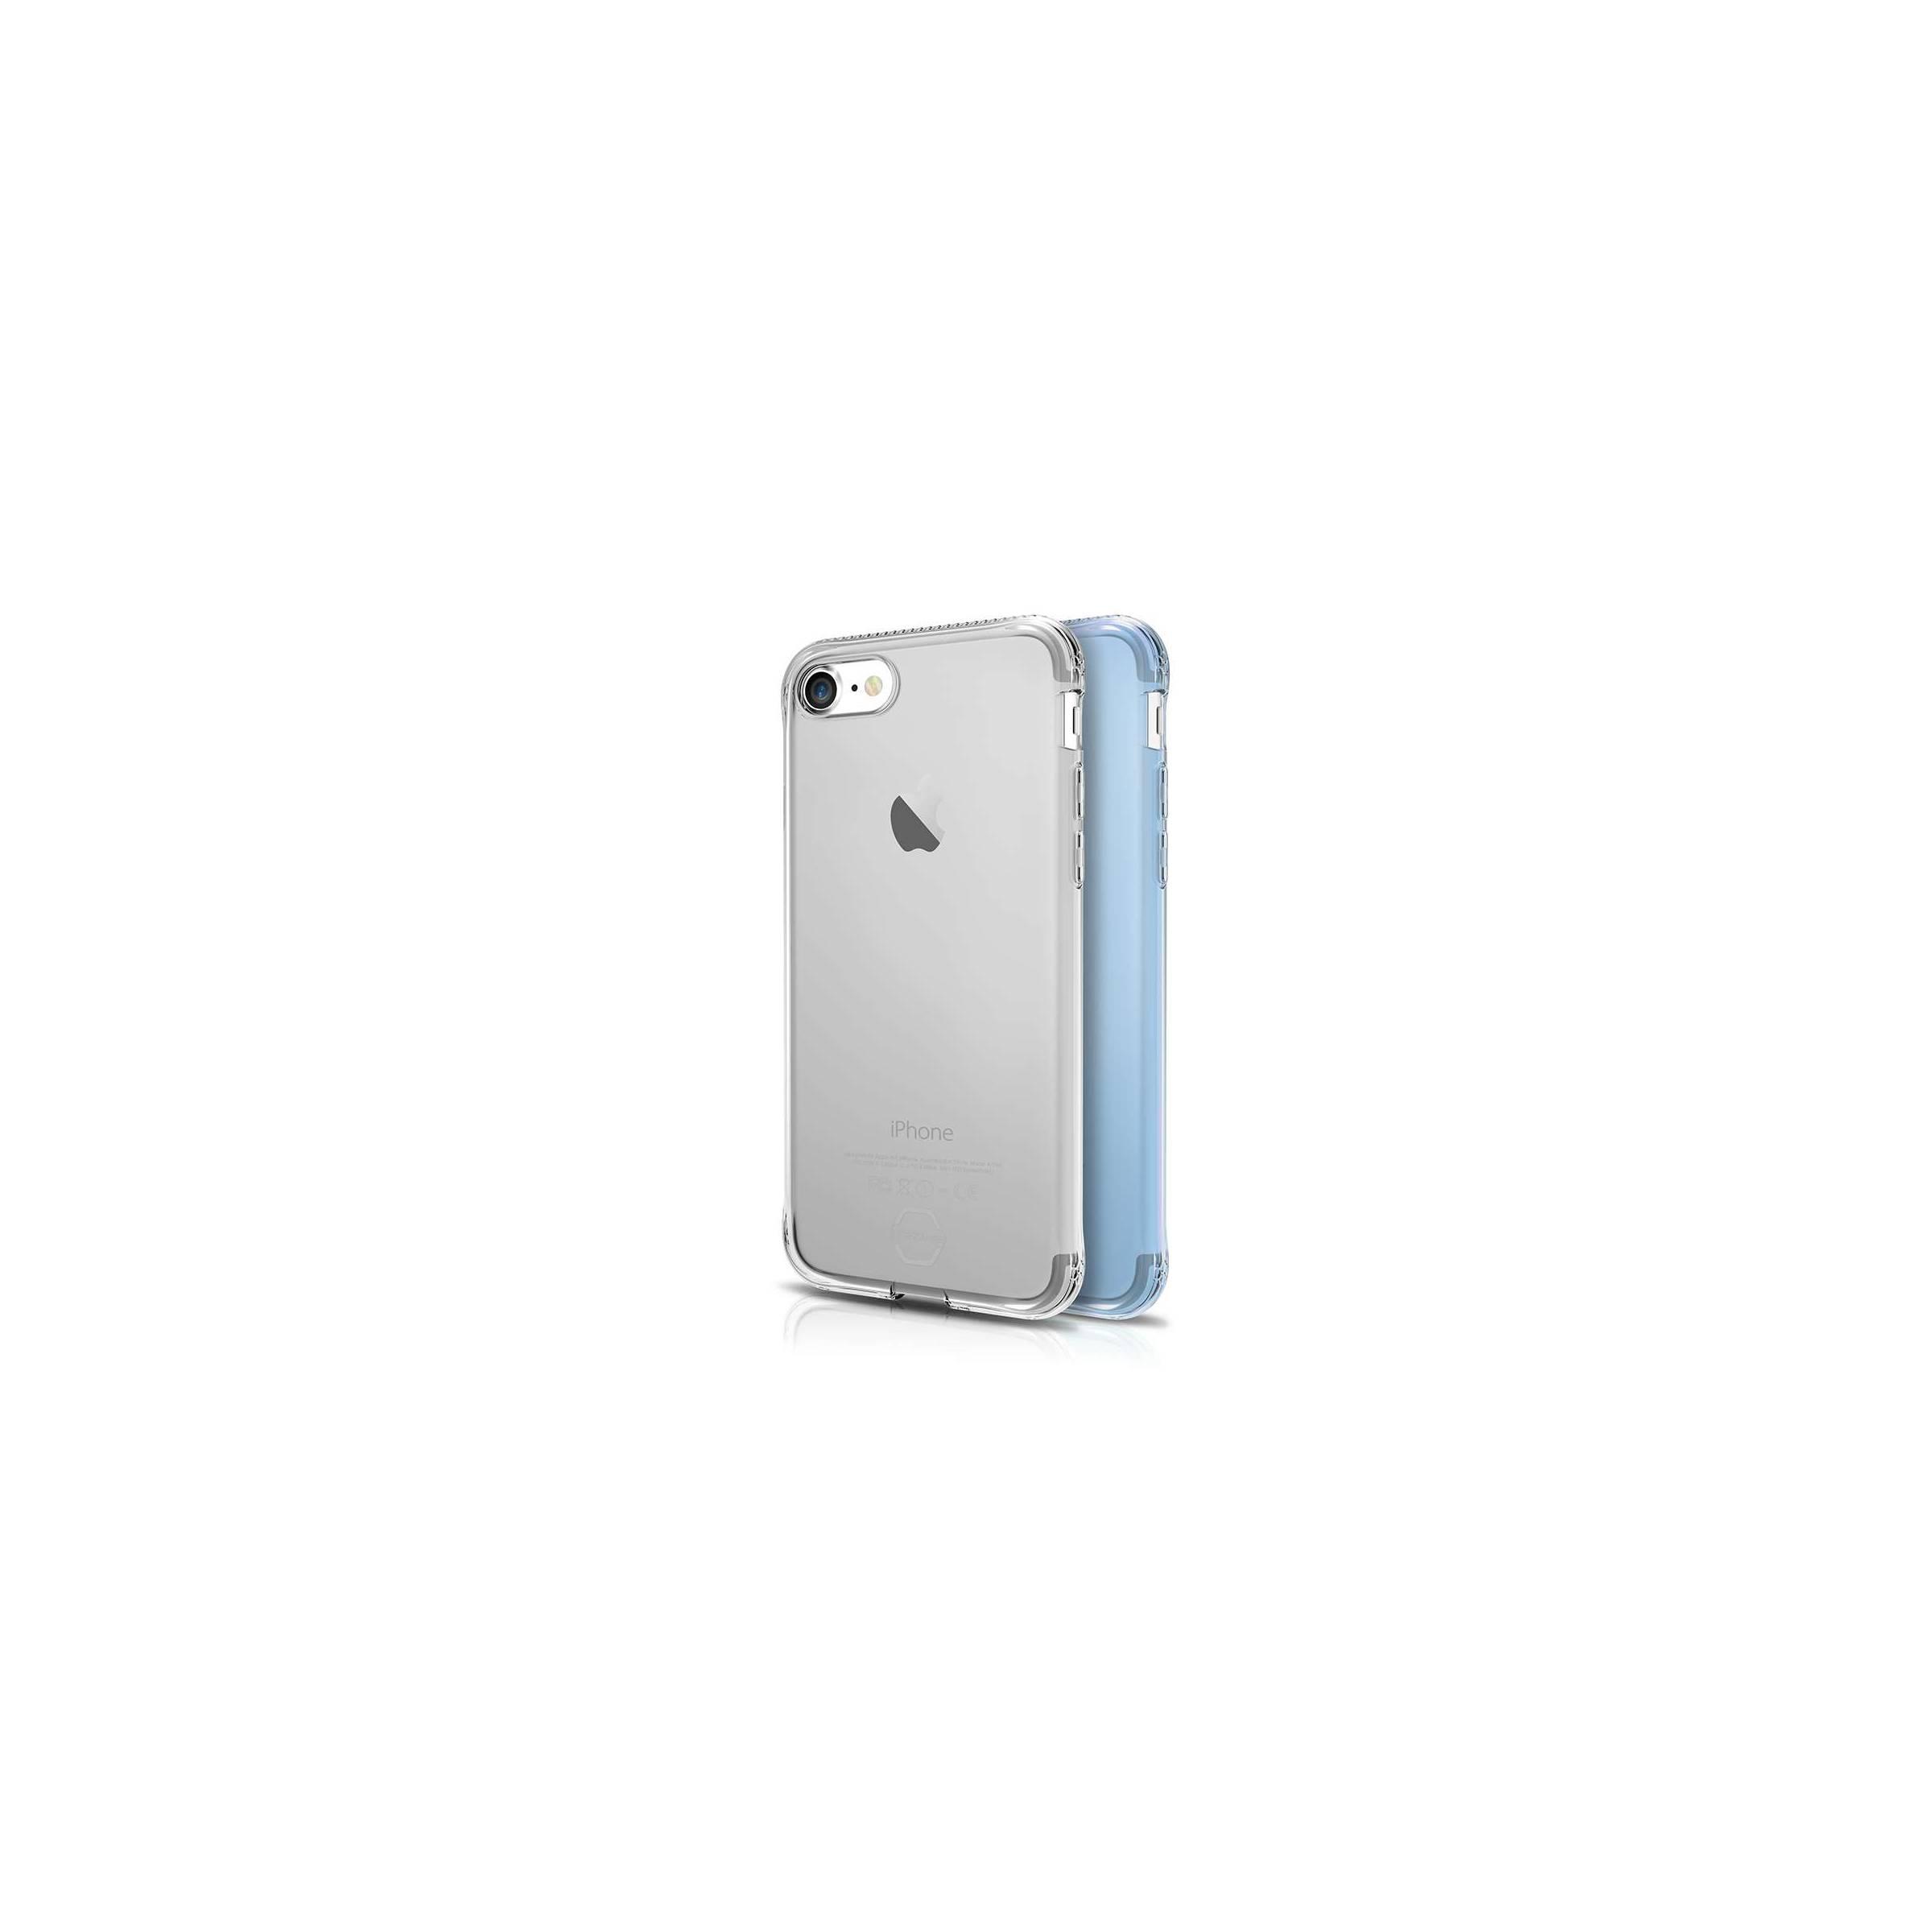 itskins Itskins slim silikone protect gel iphone 7 & 8 plus cover dobbelt 2x pakke farve klar & lyseblå fra mackabler.dk